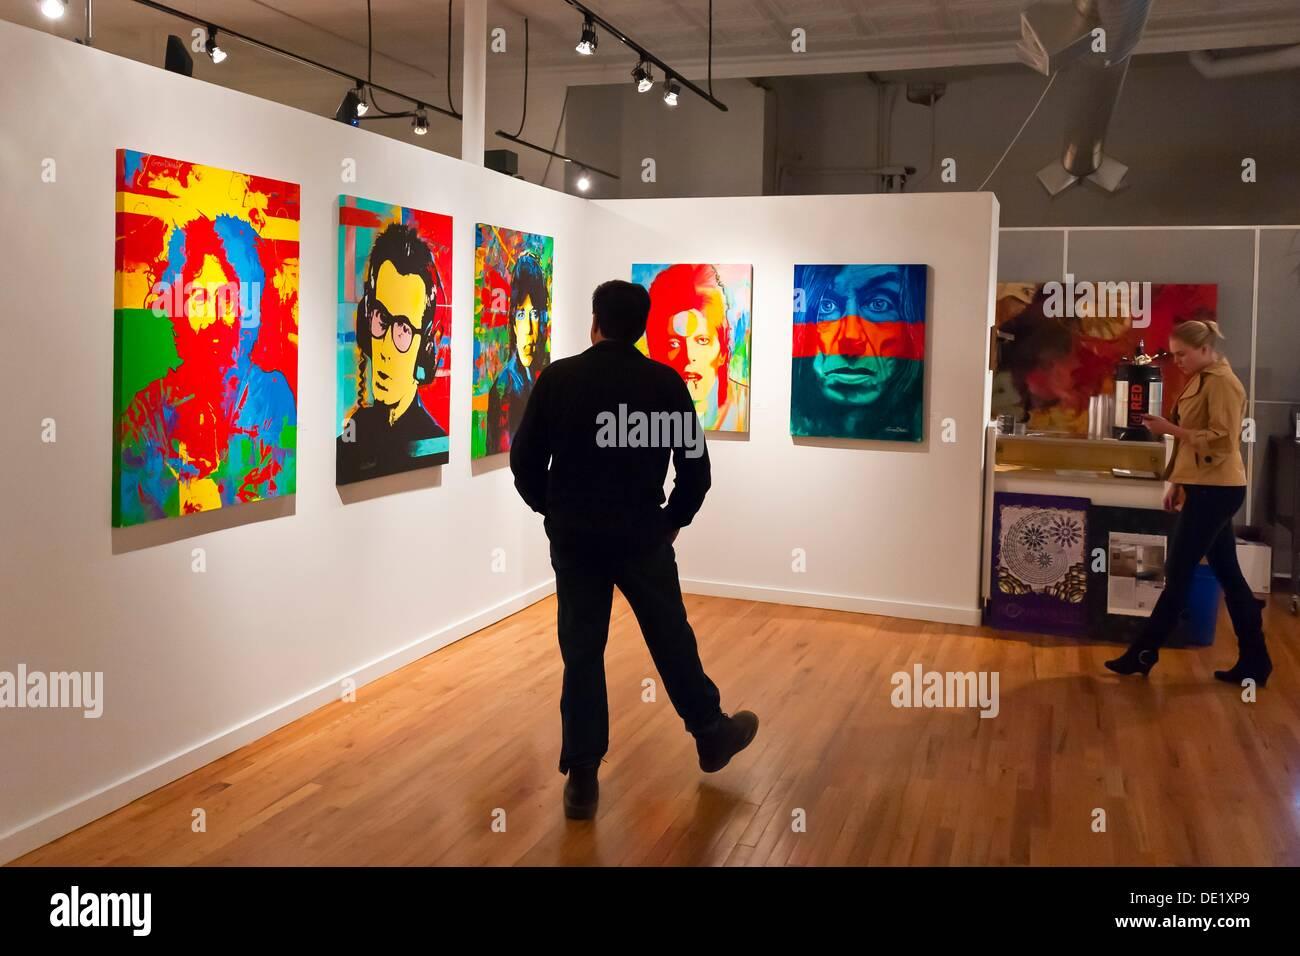 Porträts von Rock-Musiker Jerry Garcia, Elvis Costello, Mick Jagger, David Bowie und Iggy Pop des Künstlers Mark Goodman, Artwork Stockbild